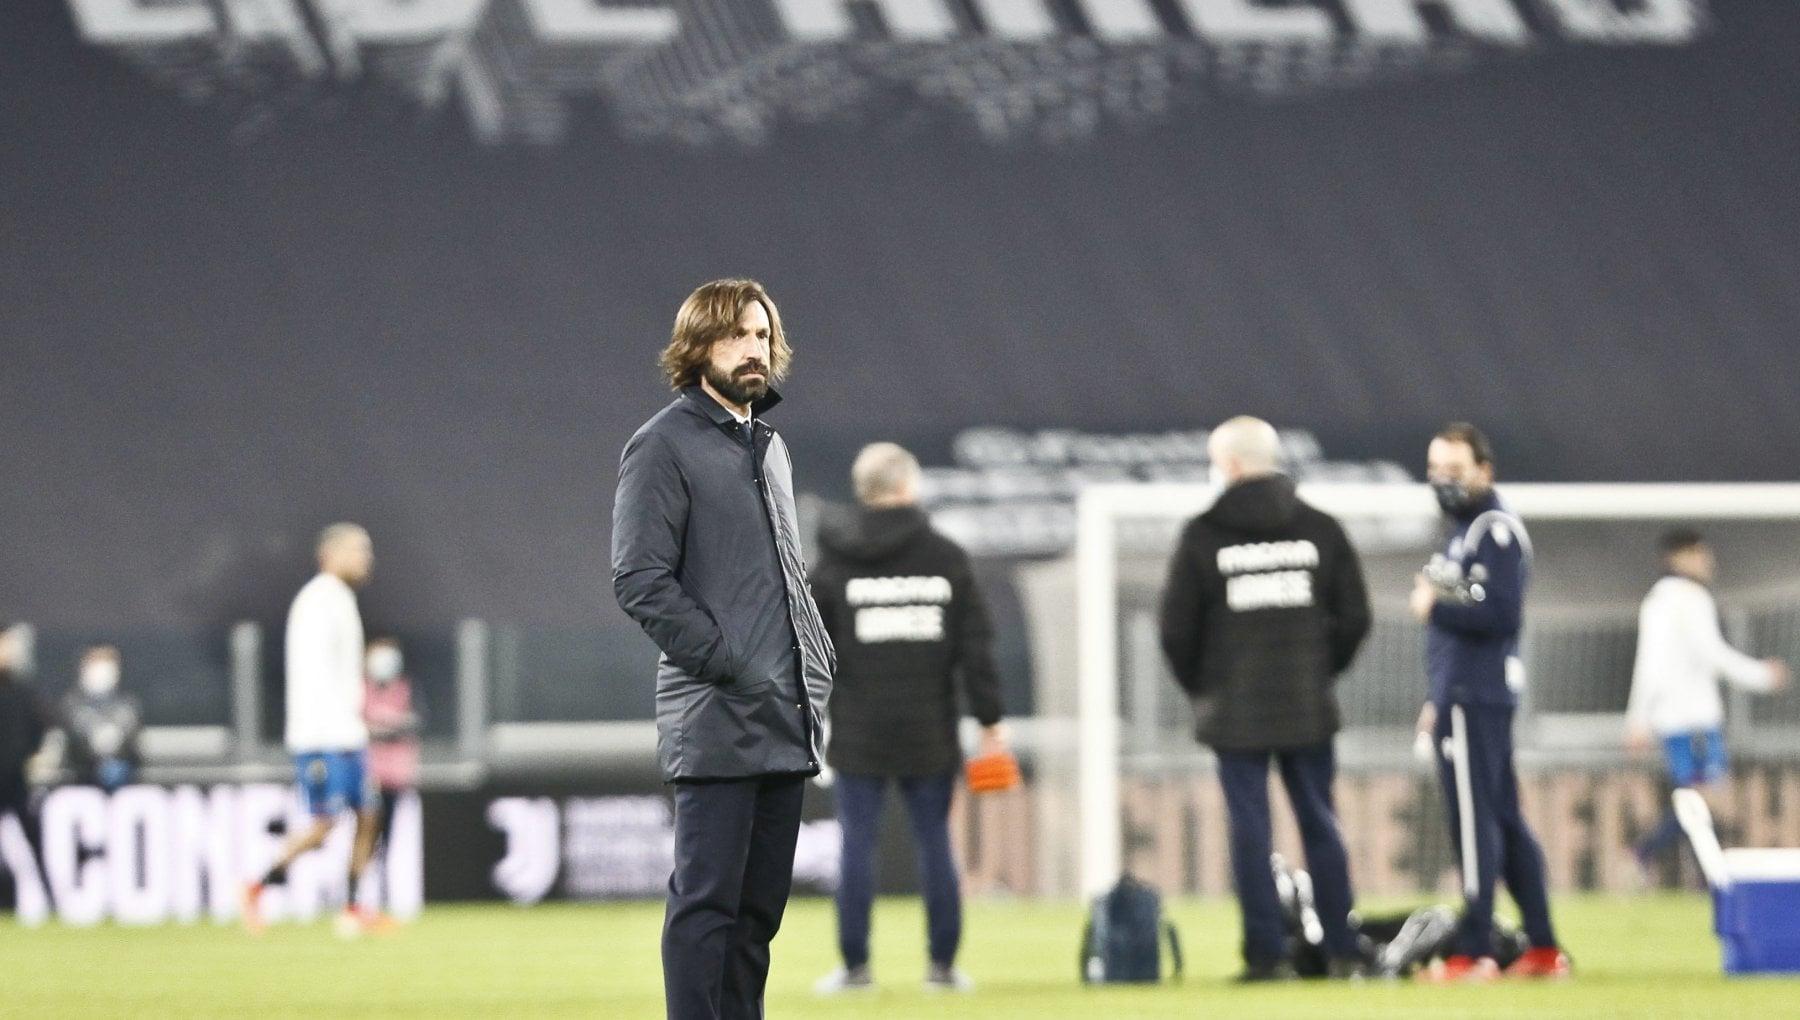 Juventus le angosce di Pirlo formazione appesa ai tamponi. Ma niente alibi undici li troveremo